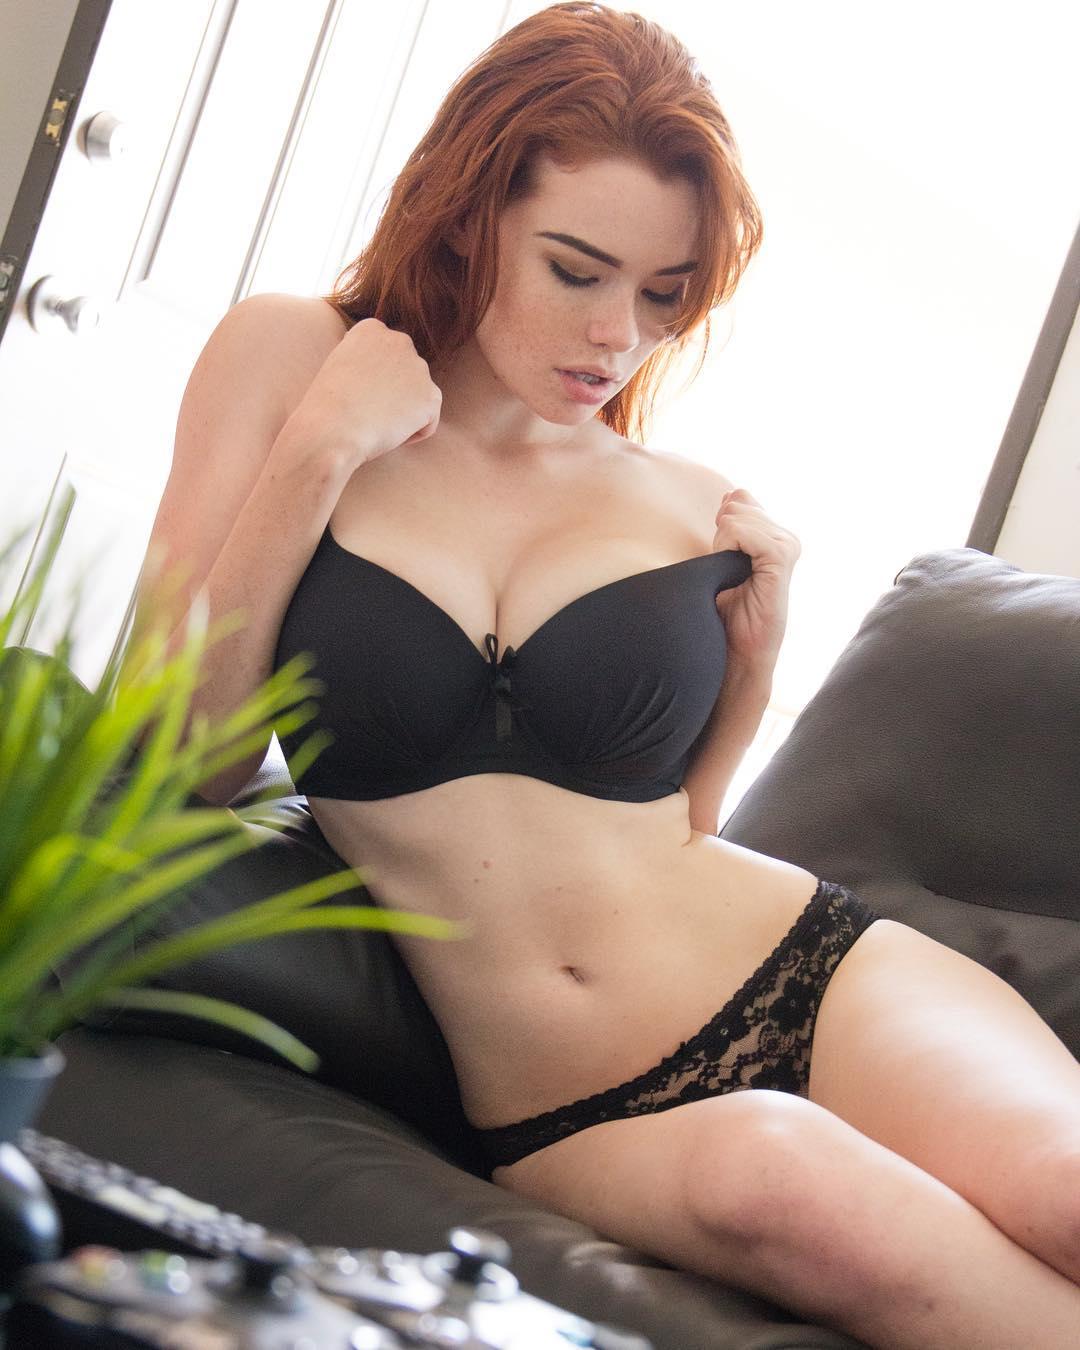 Fuck Sabrina Lynn nude (39 photo), Topless, Sideboobs, Feet, butt 2017